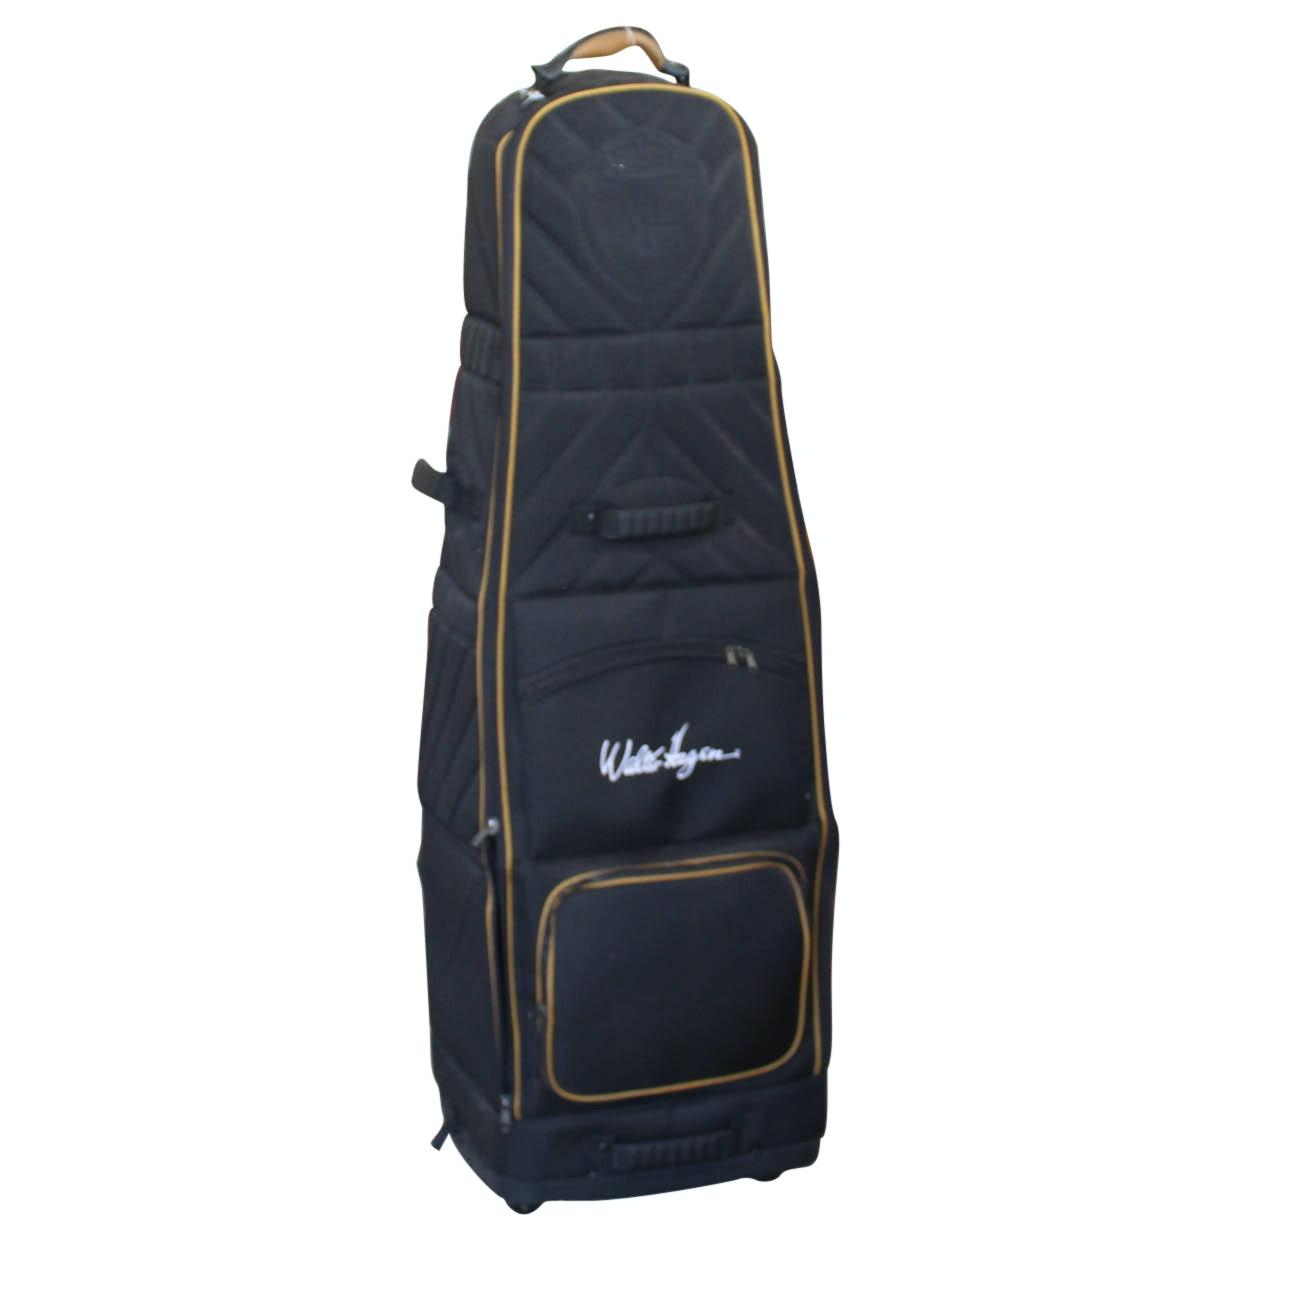 Walter Hagen Traveling Golf Bag